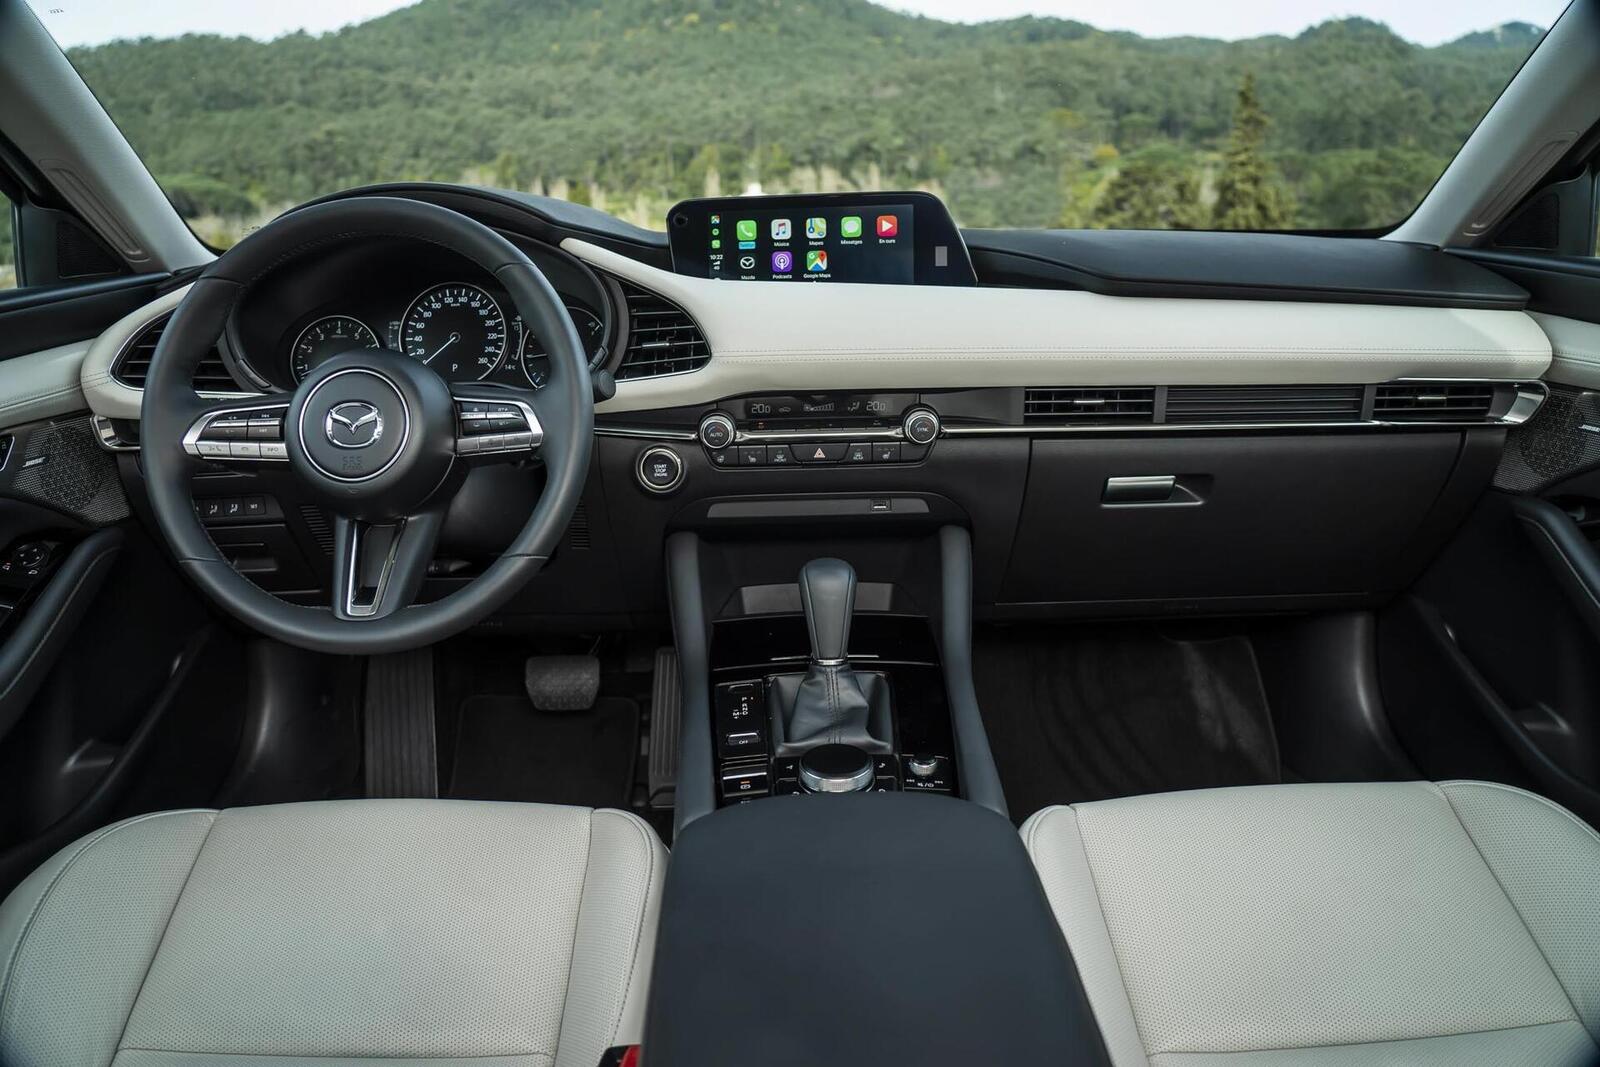 Mazda3 thế hệ mới chốt lịch ra mắt tại Malaysia vào tháng sau; giá dự kiến từ 764 triệu đồng - Hình 6